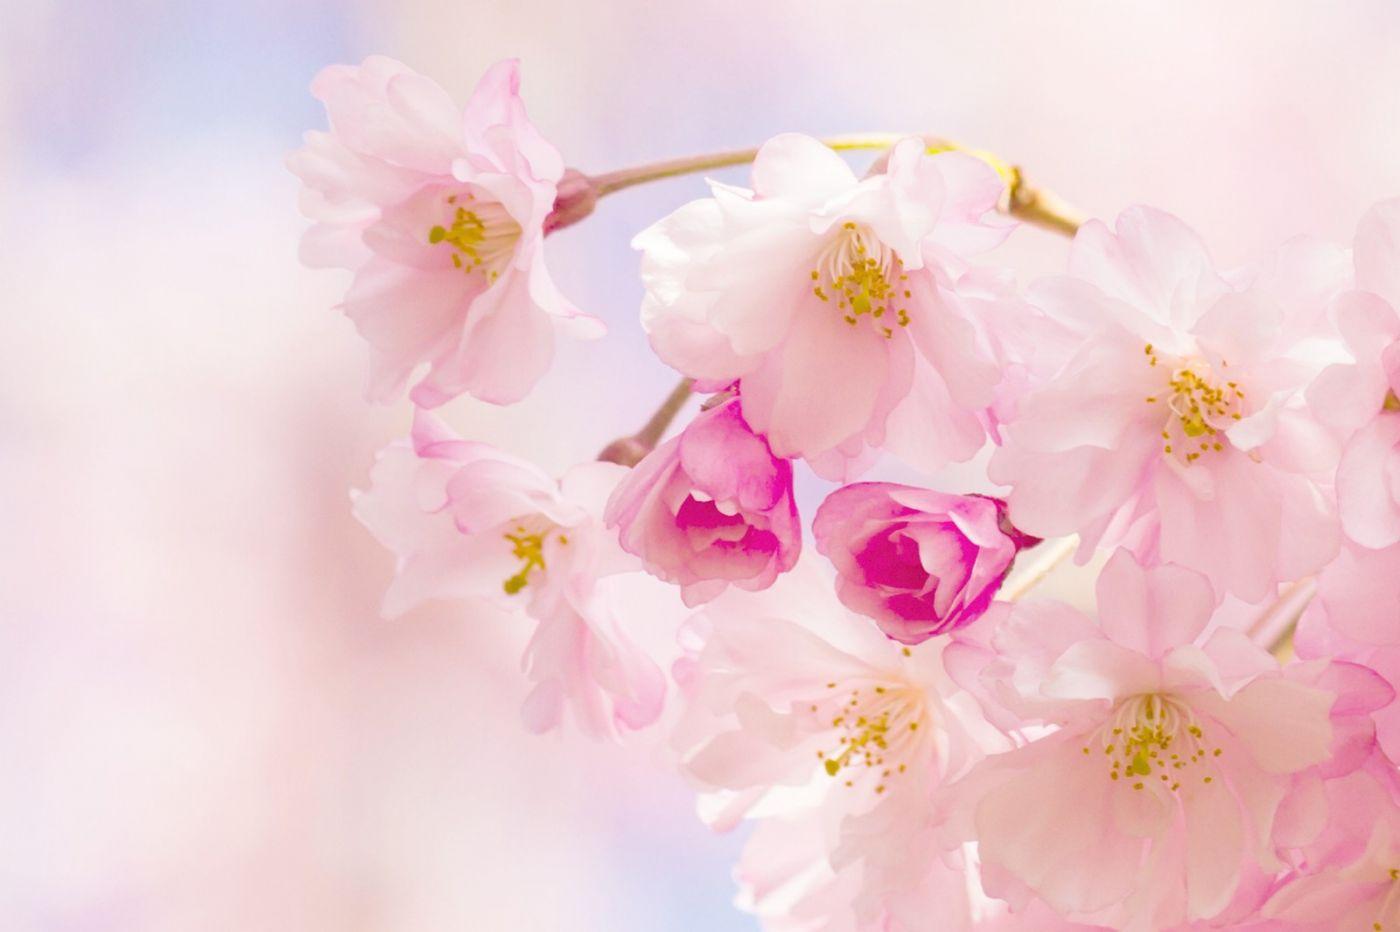 粉红的水嫩的,好看极了_图1-1